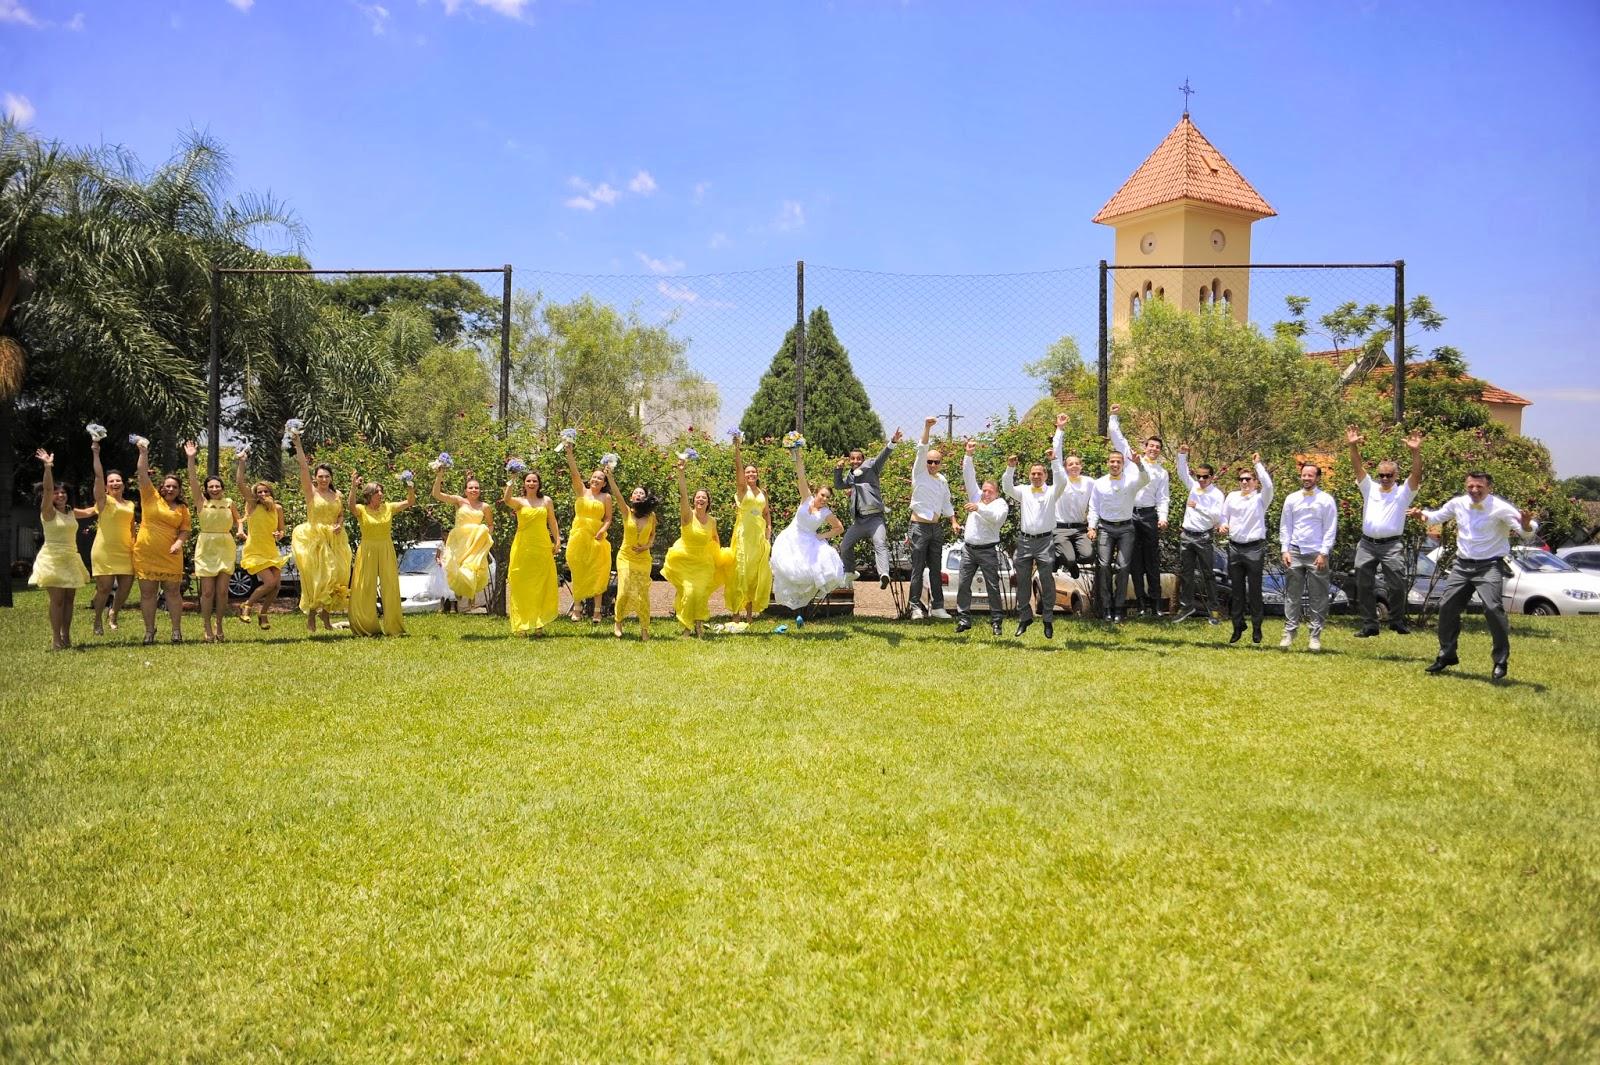 foto-divertida-padrinhos-madrinhas-casamento-dia-azul-amarelo